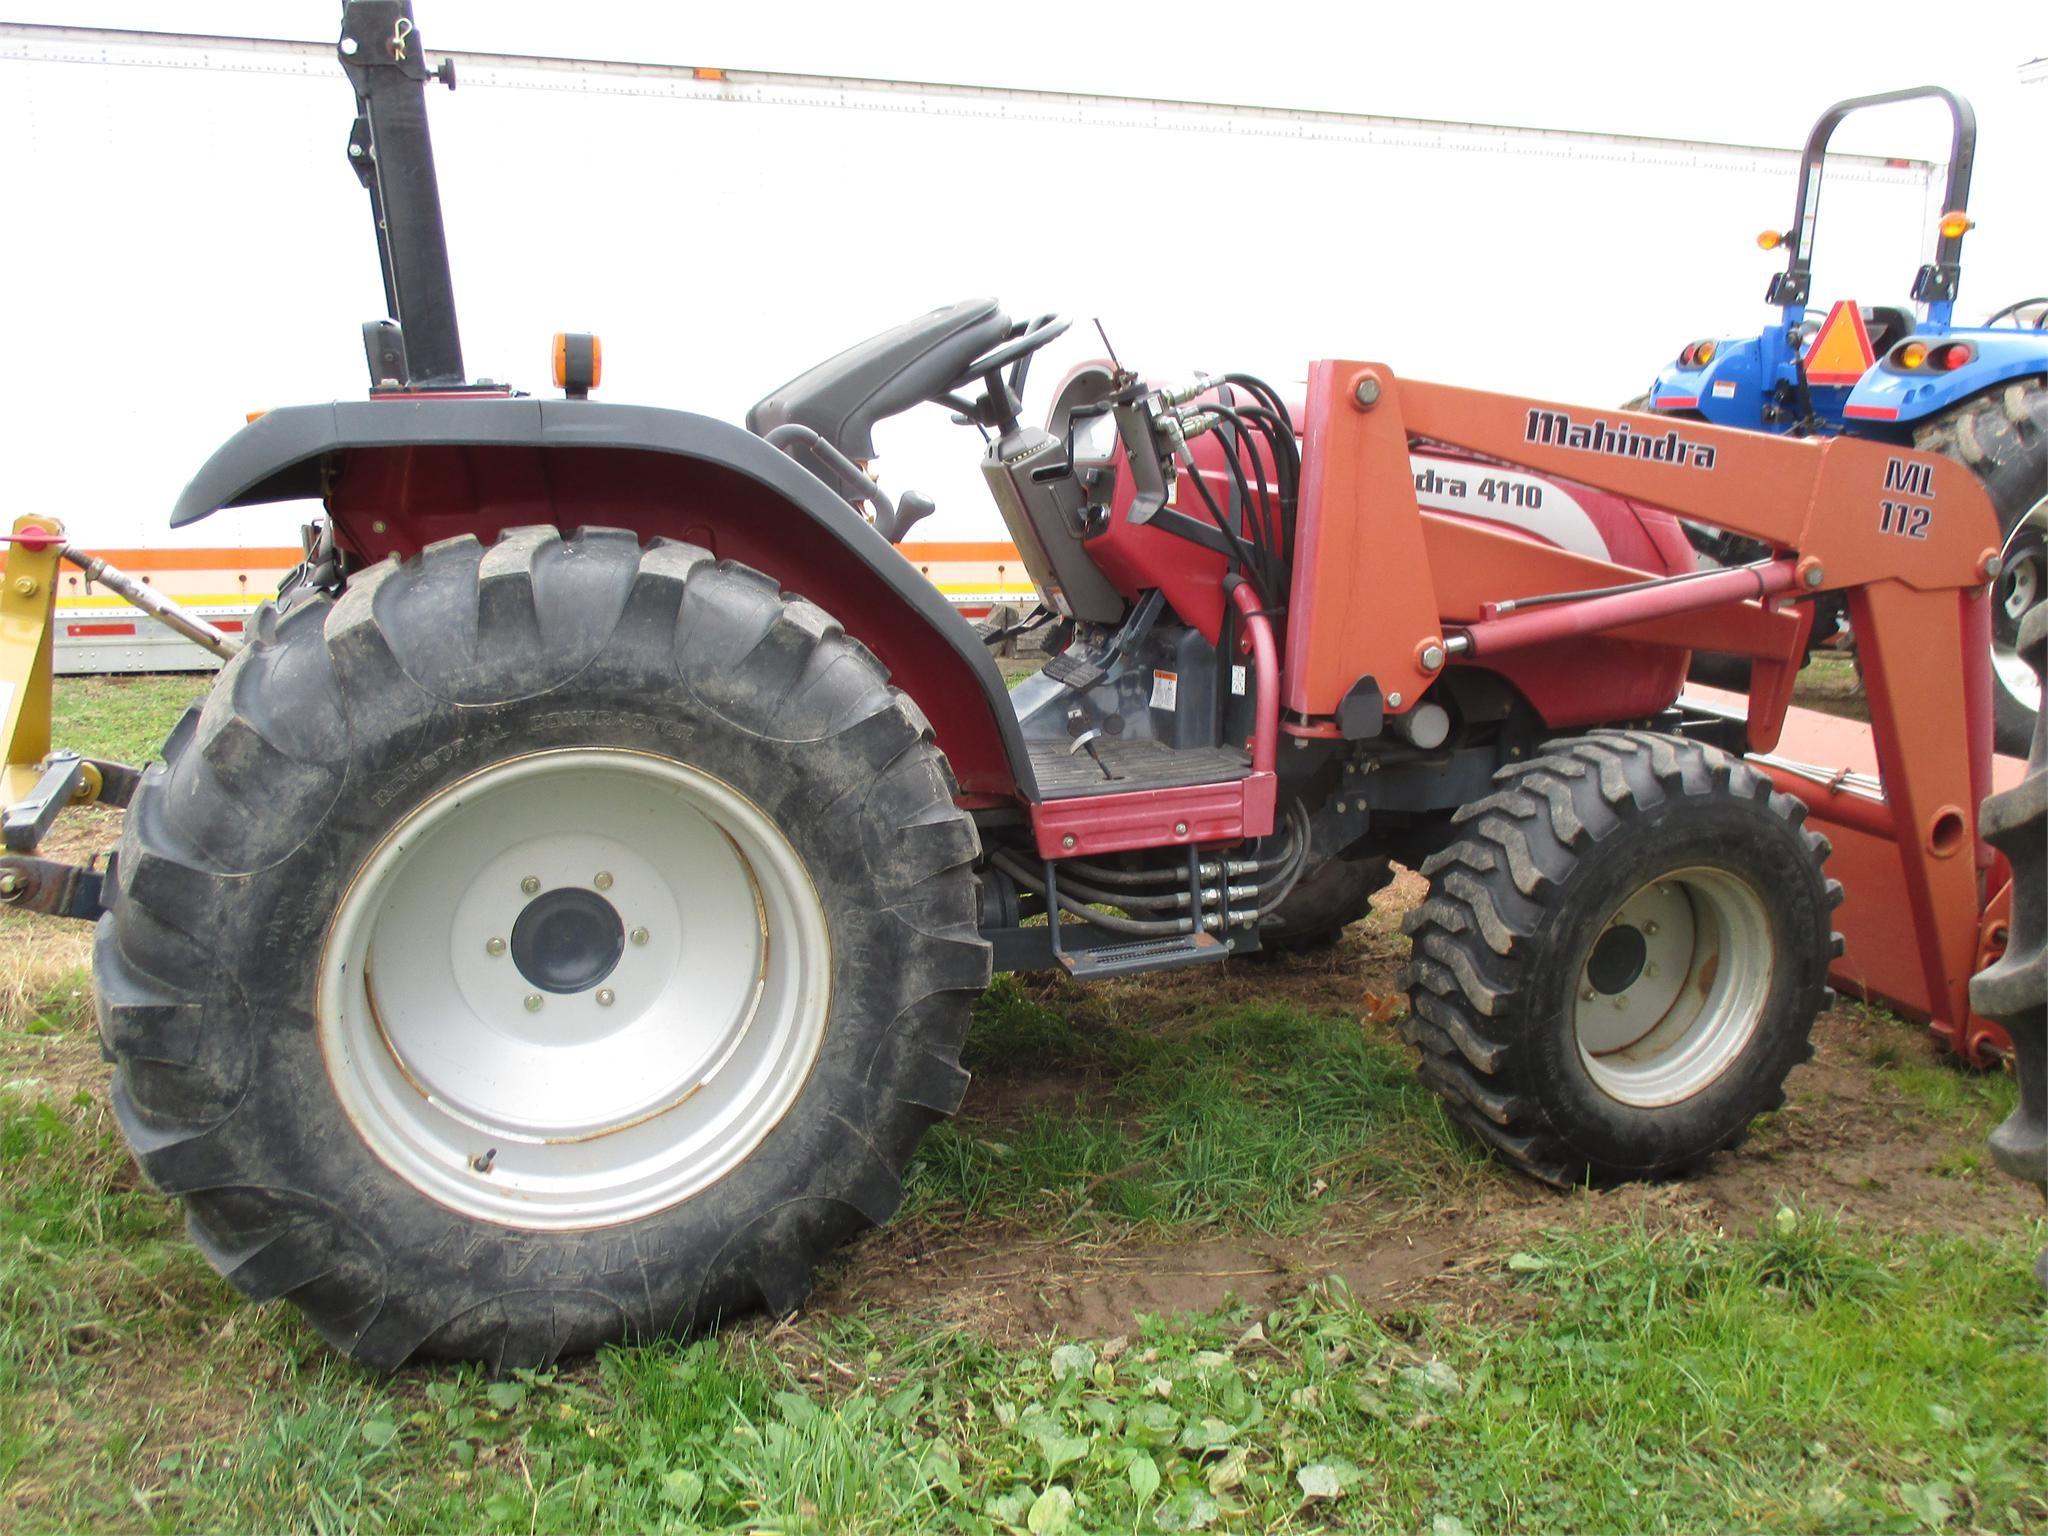 2004 MAHINDRA 4110 40-99 HP Tractor